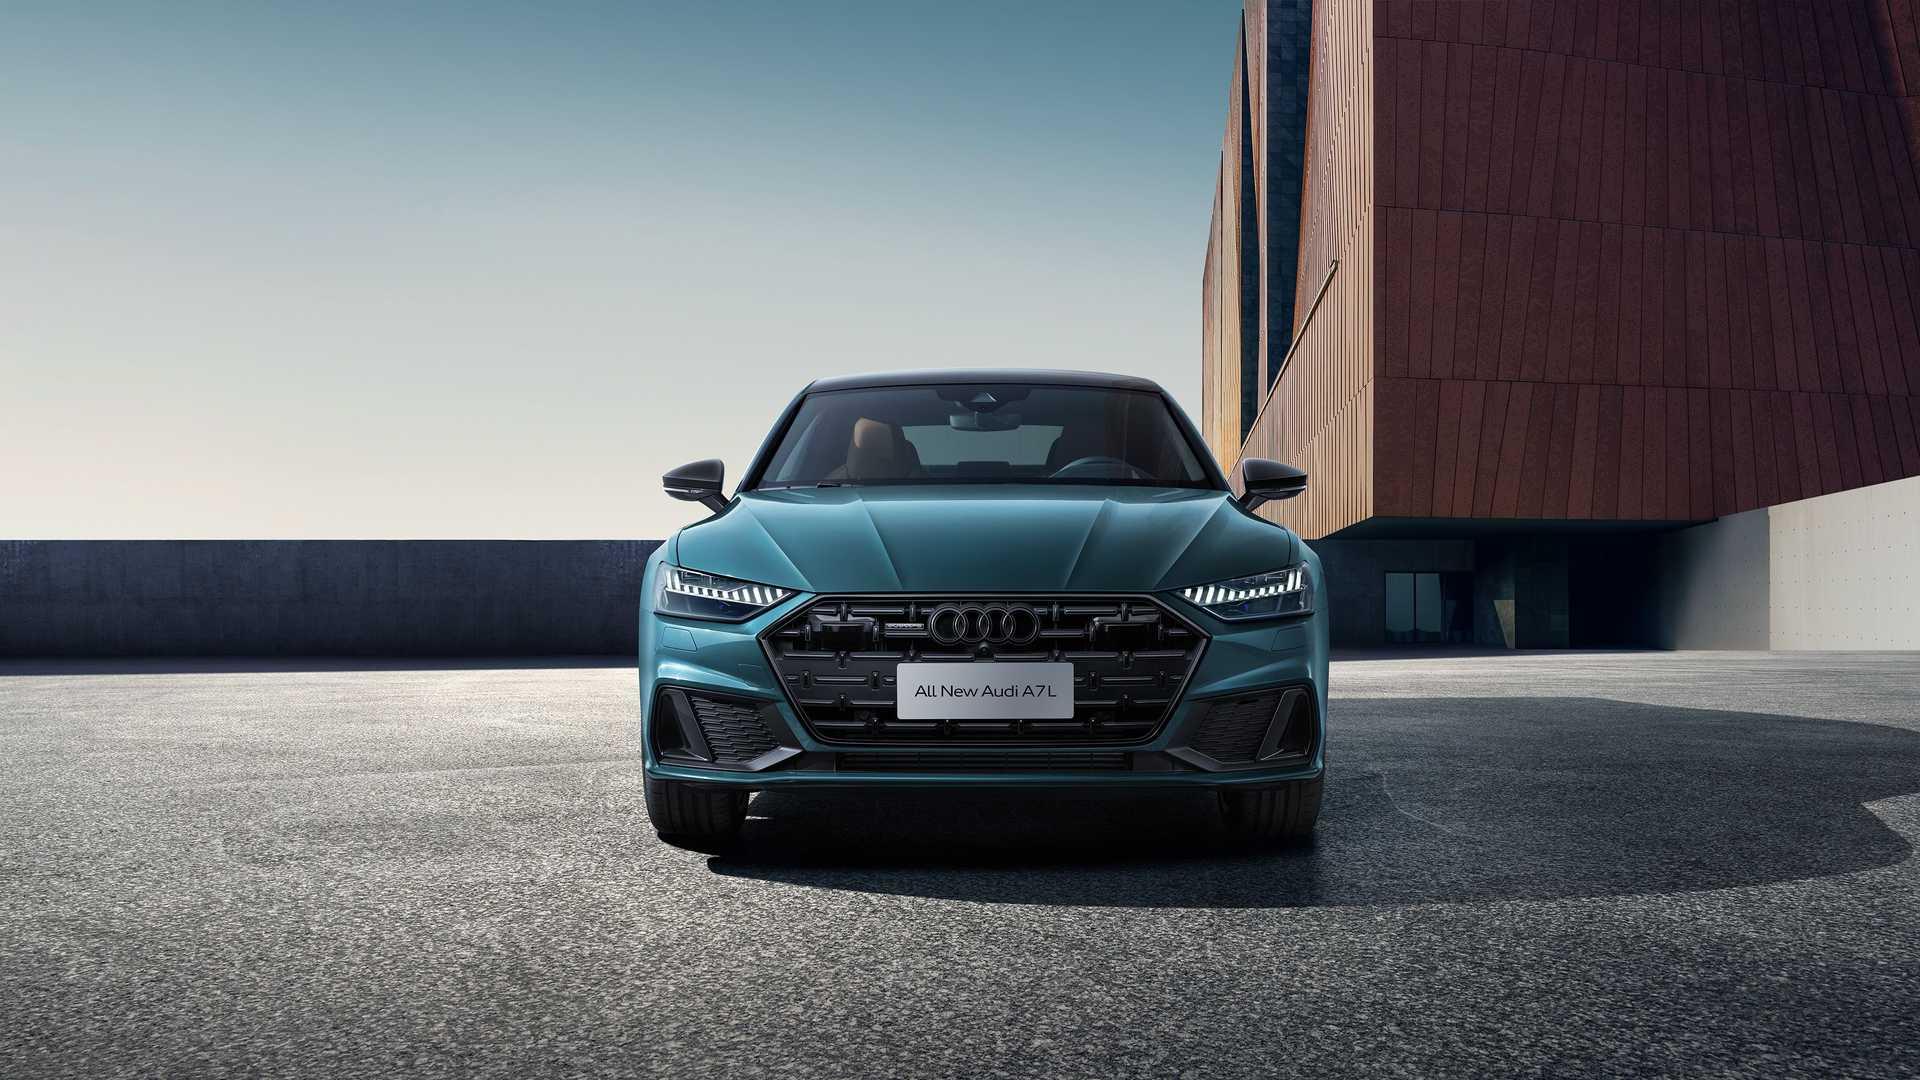 Audi-A7-L-2